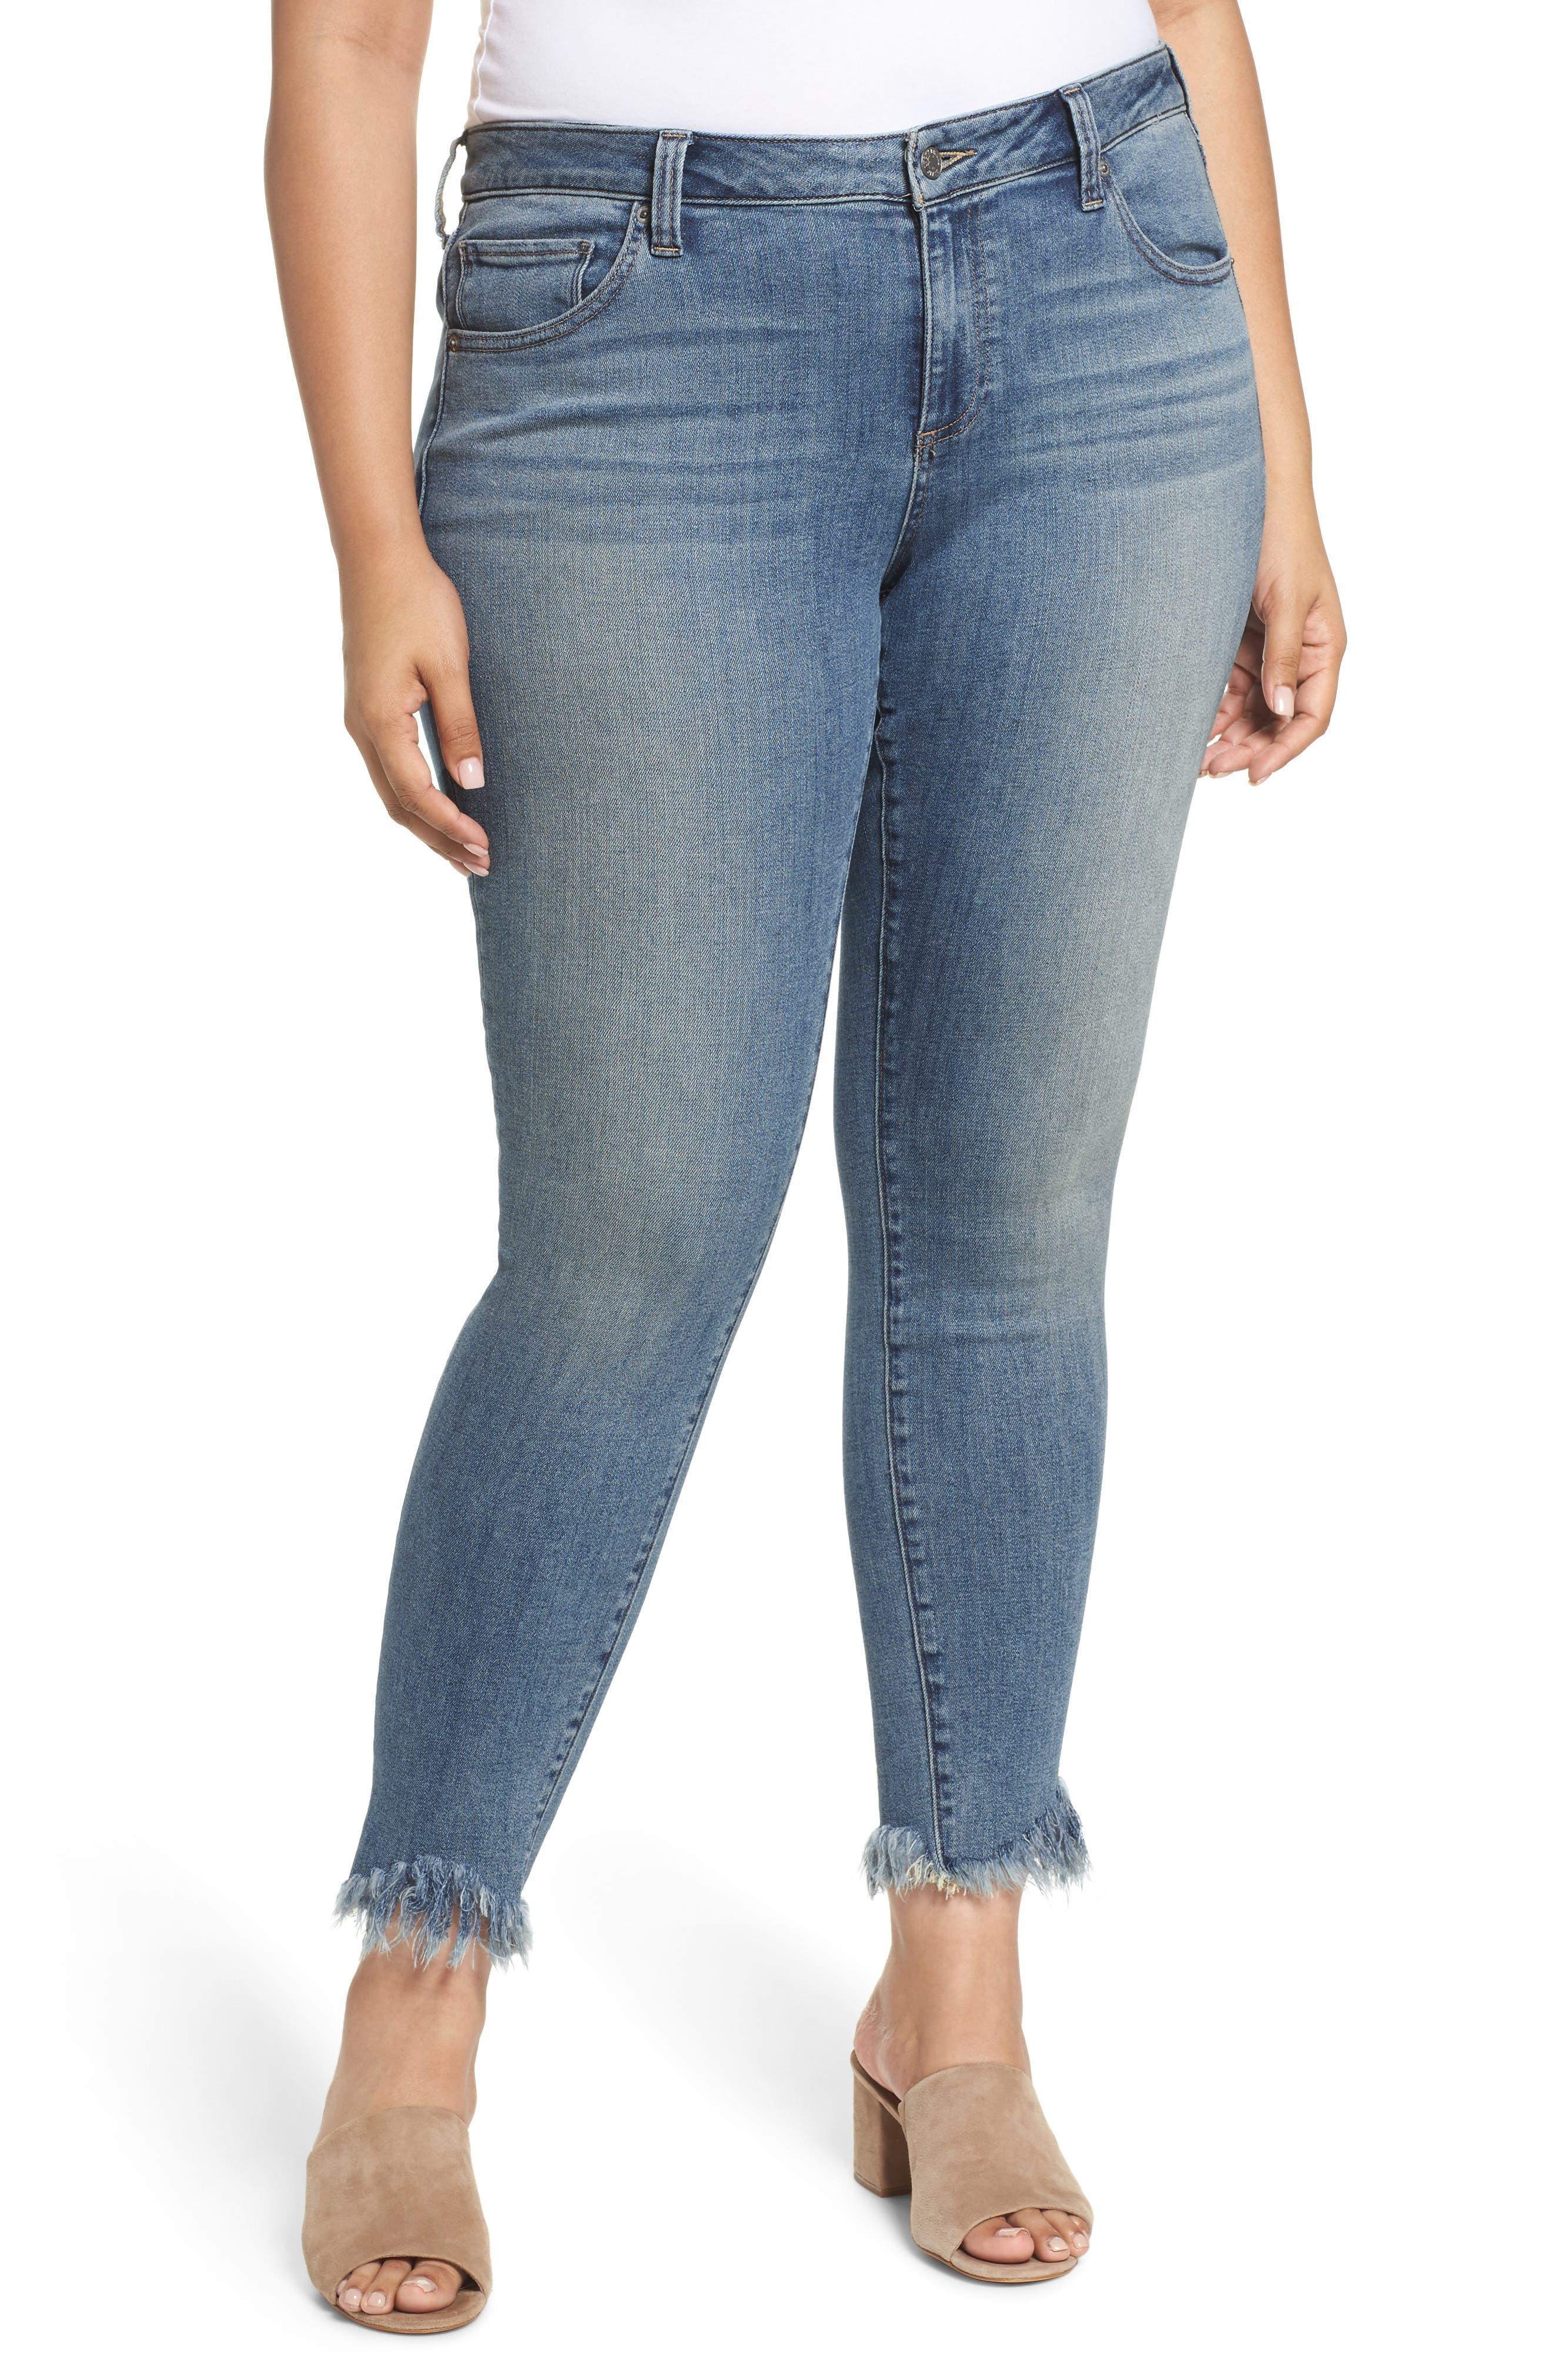 LUCKY BRAND,                             Ginger Fringed Hem Skinny Jeans,                             Main thumbnail 1, color,                             400